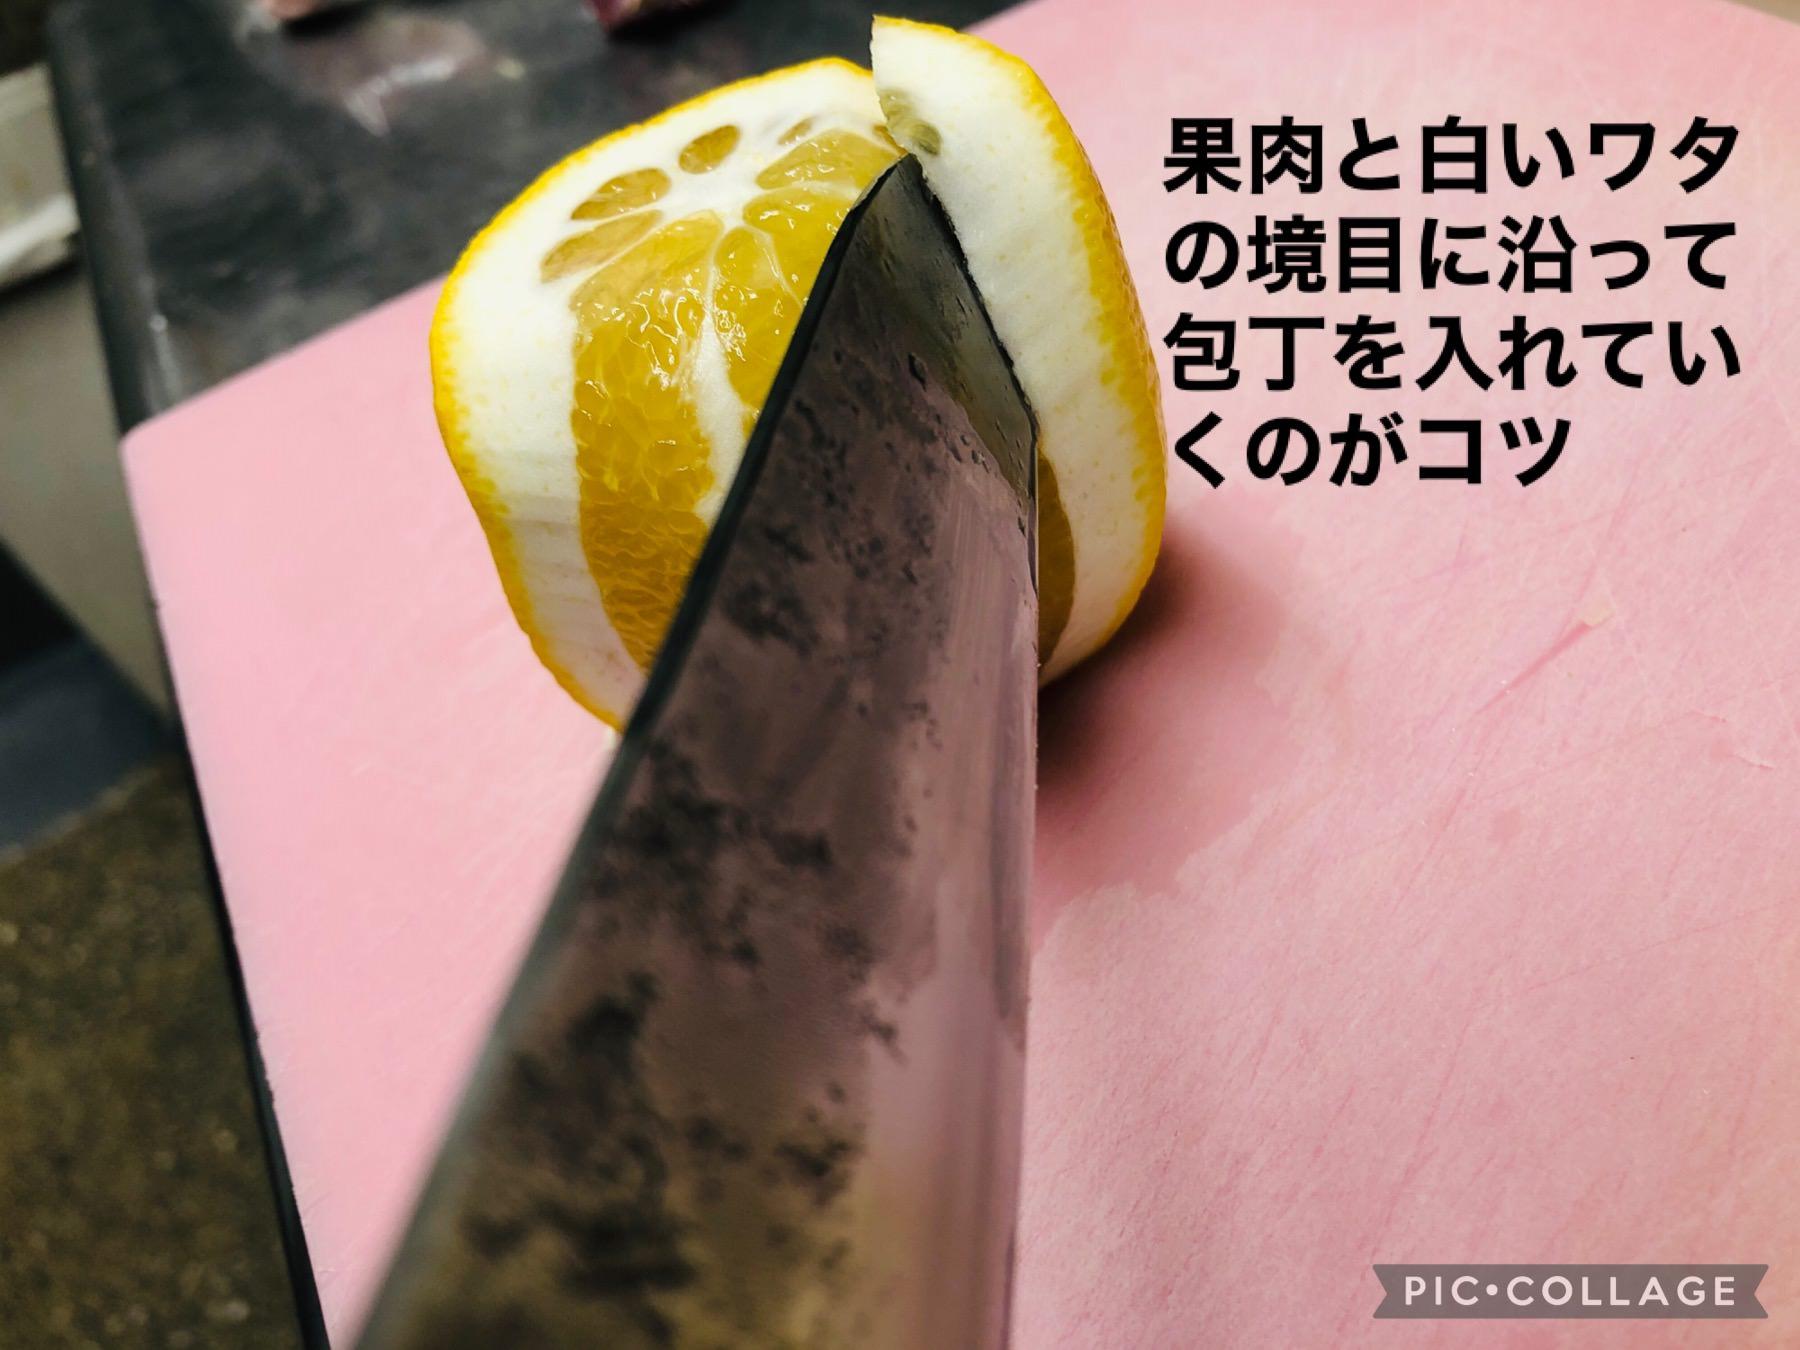 レモンをきれいに剥くコツを解説している画像です